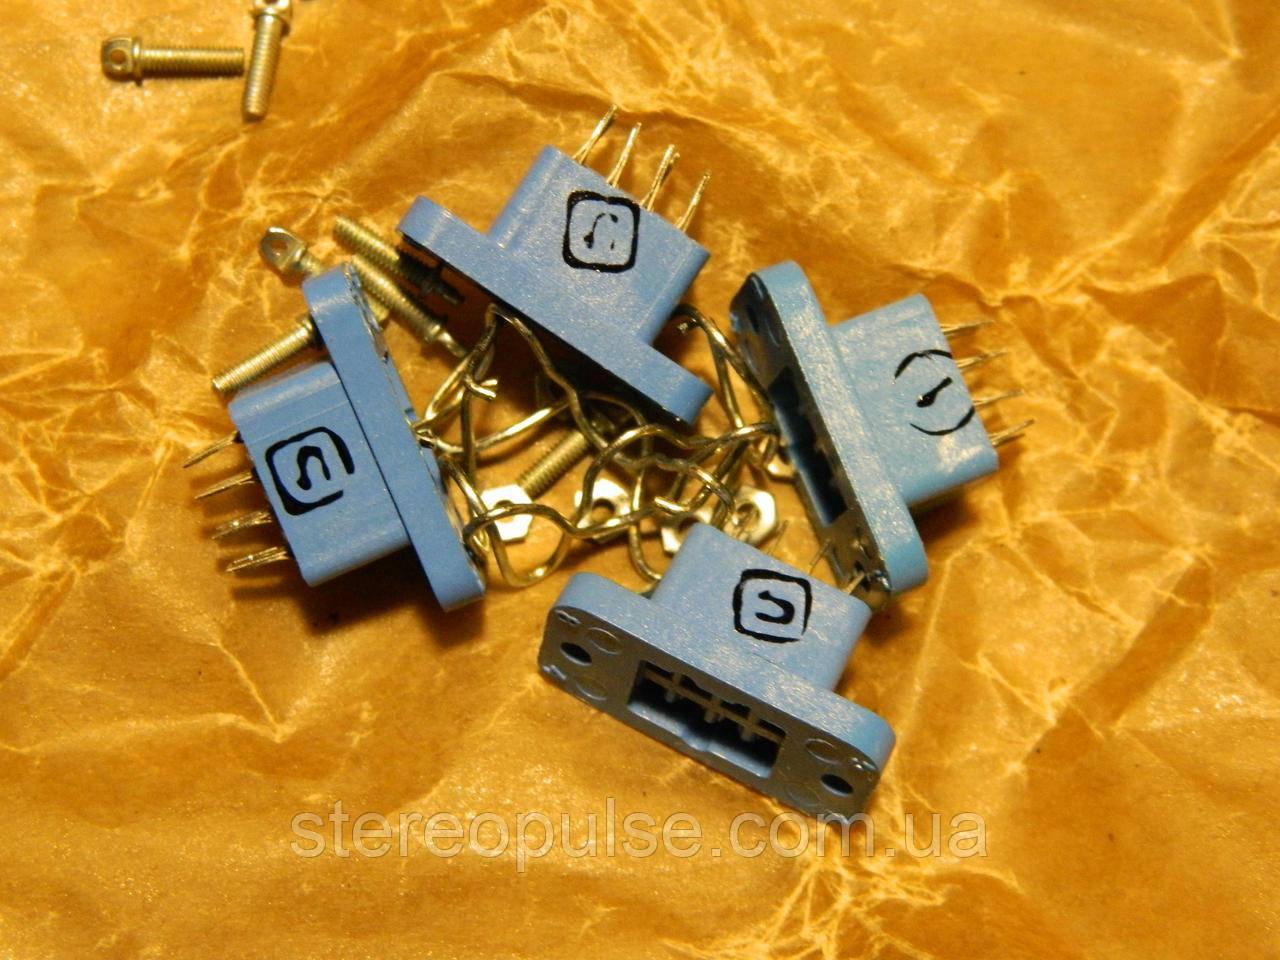 Разъем РГ1Н-1-3В 8 контактов